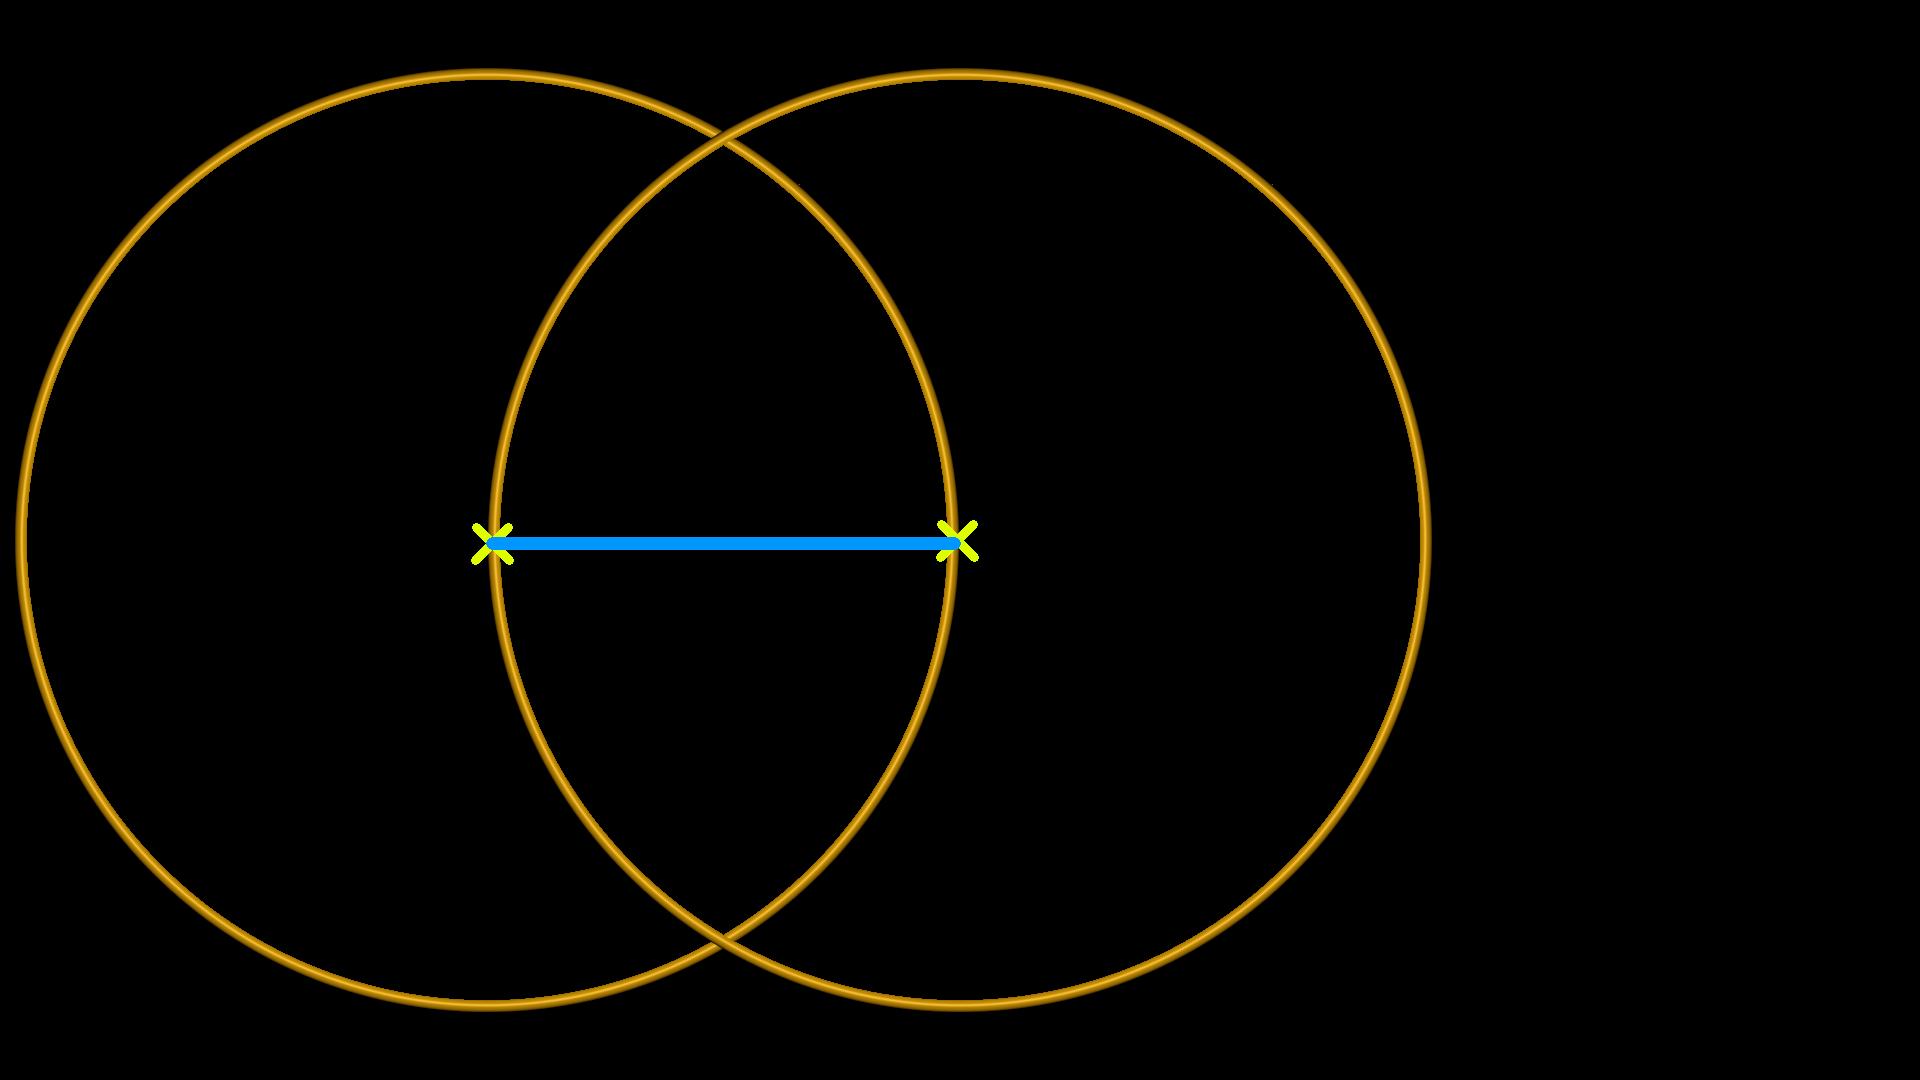 die Mittel Punkte der beiden Kreise werden verbunden